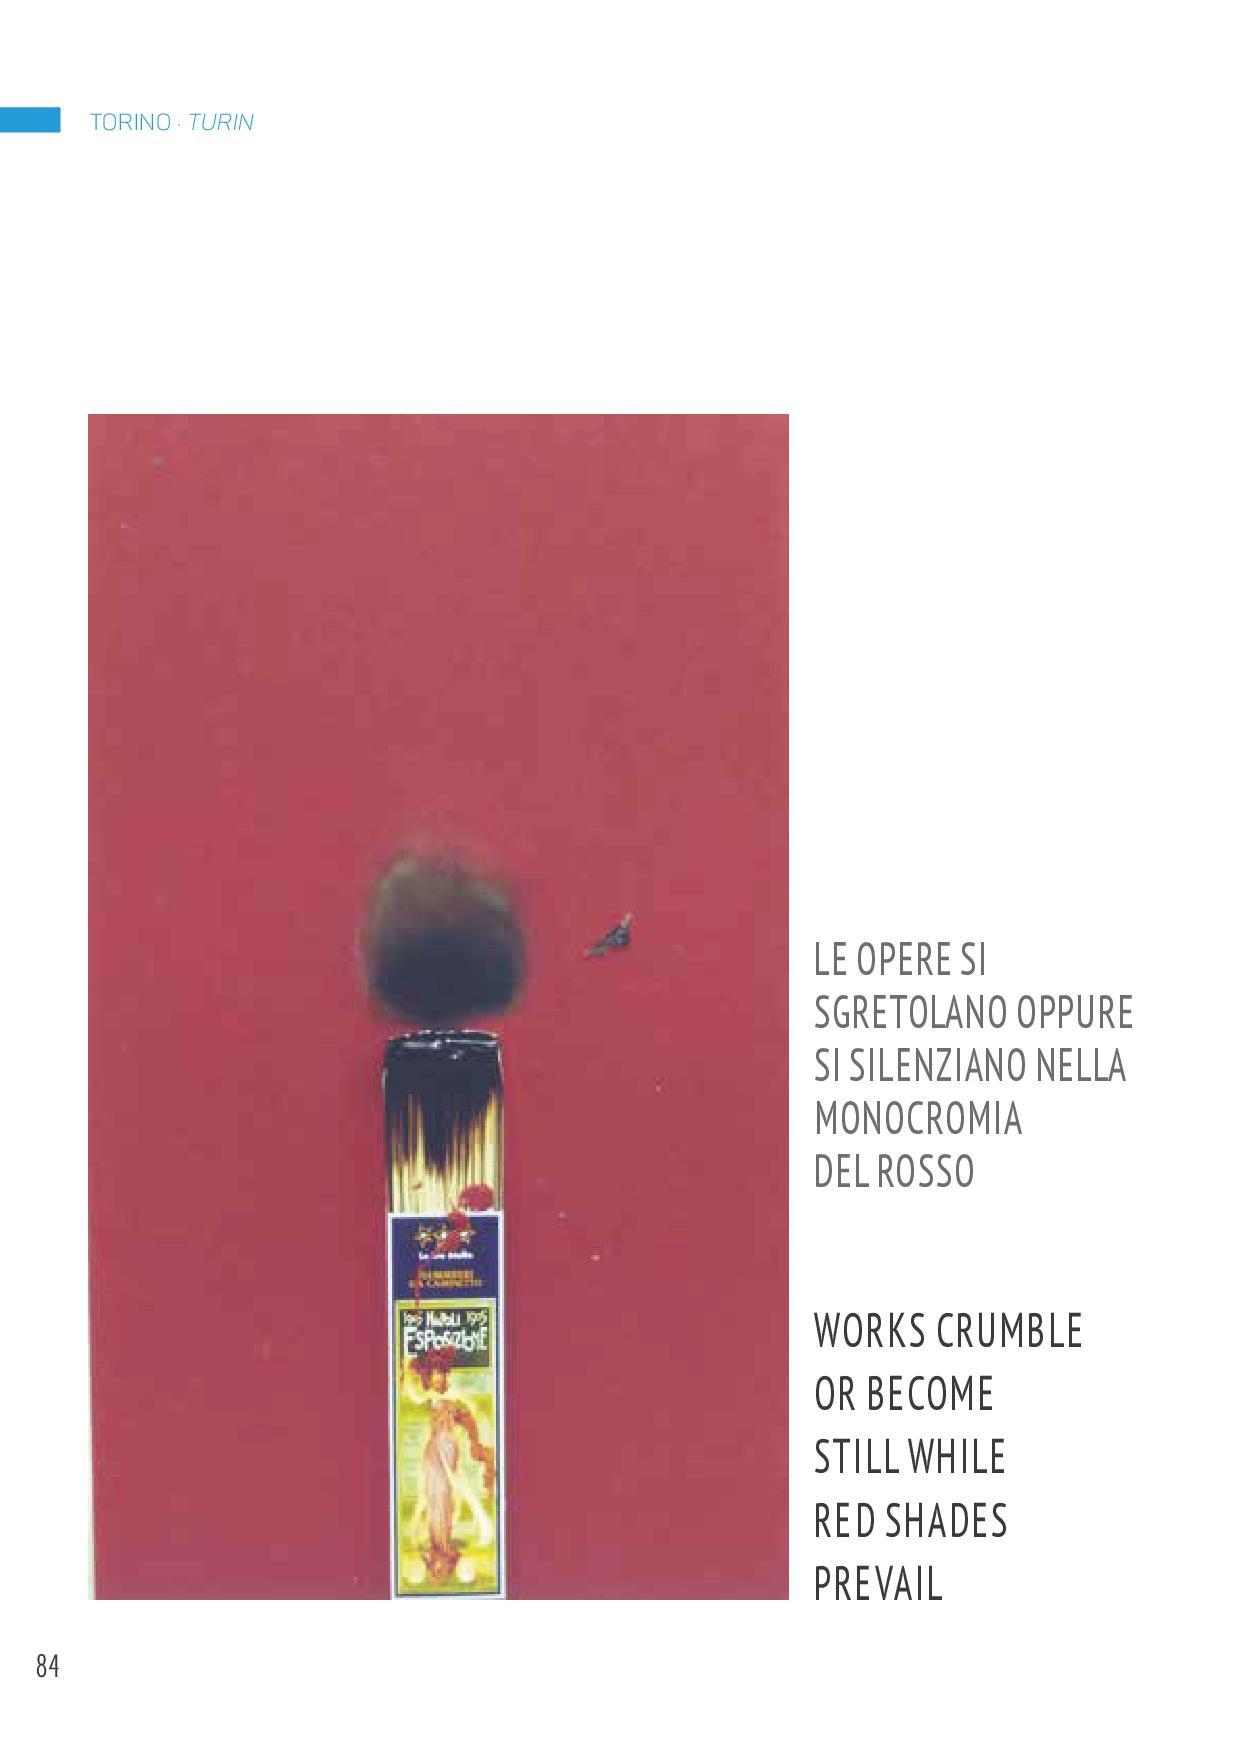 Mostre_Torino_Aubertin.jpg